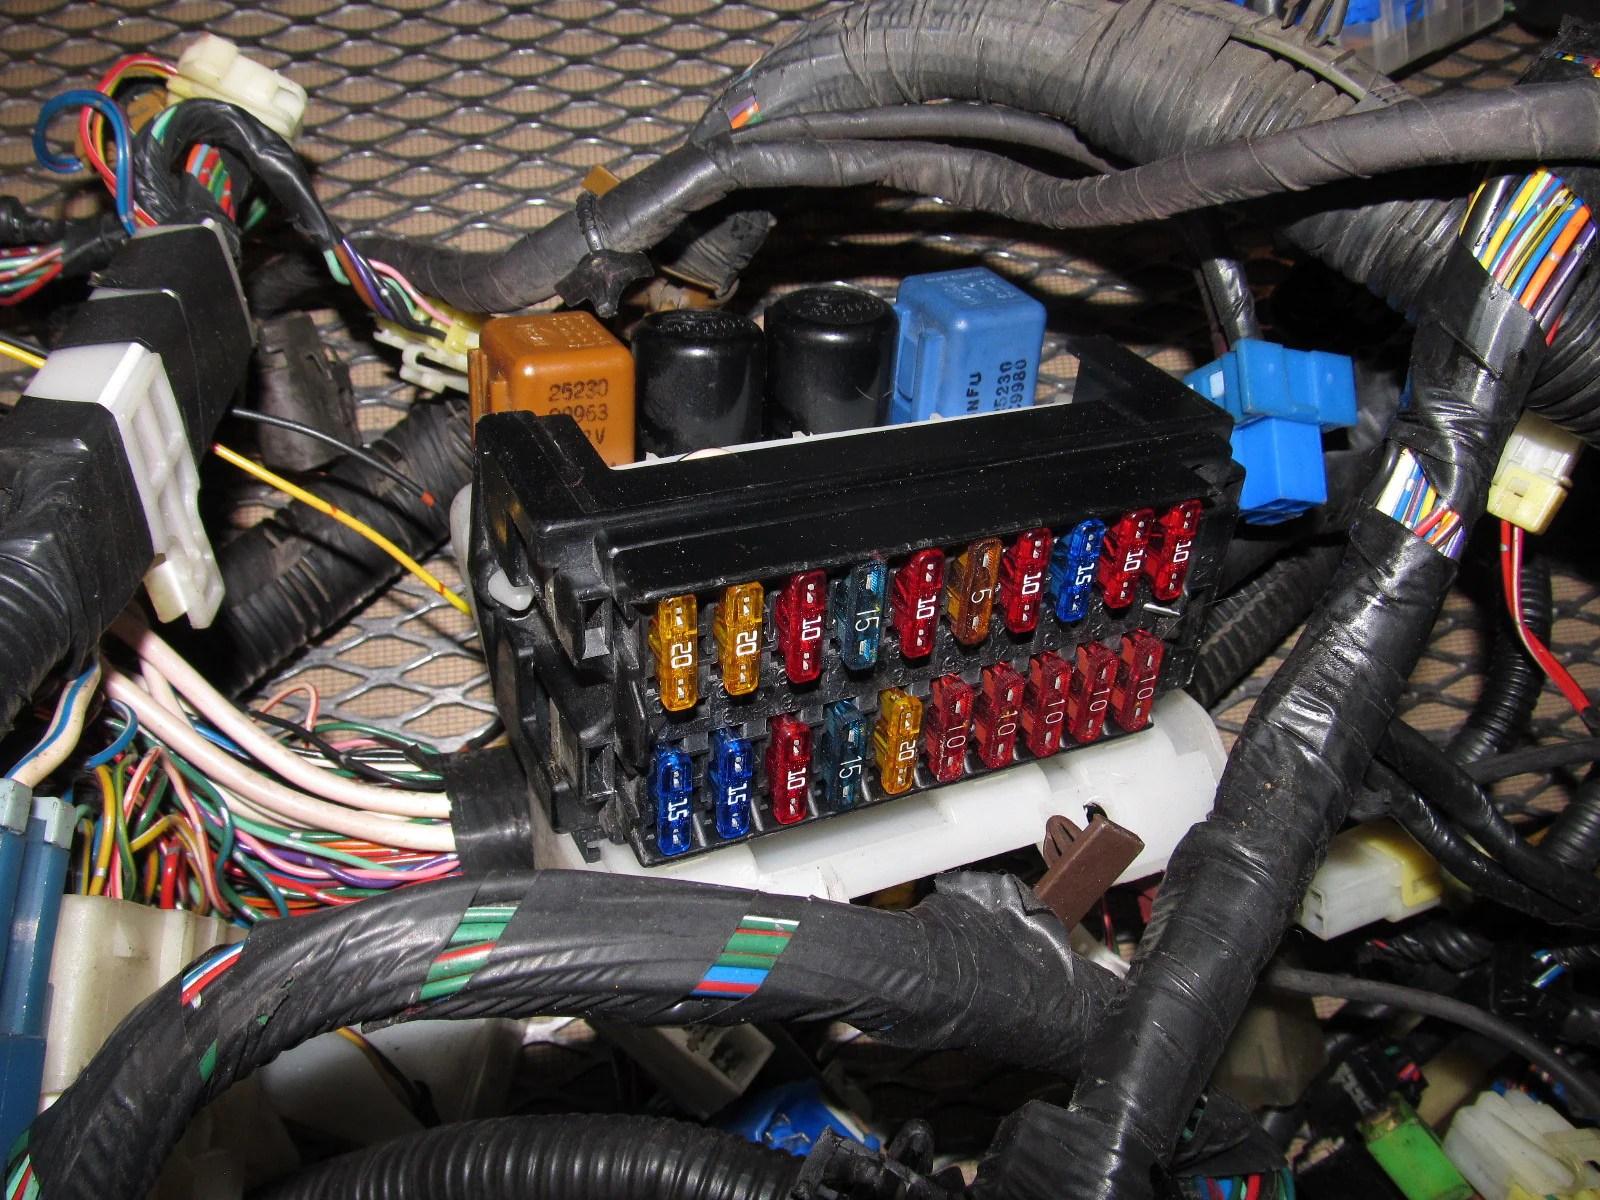 medium resolution of 89 s13 240sx fuse box diagram wiring diagram89 s13 240sx fuse box diagram wiring diagram best